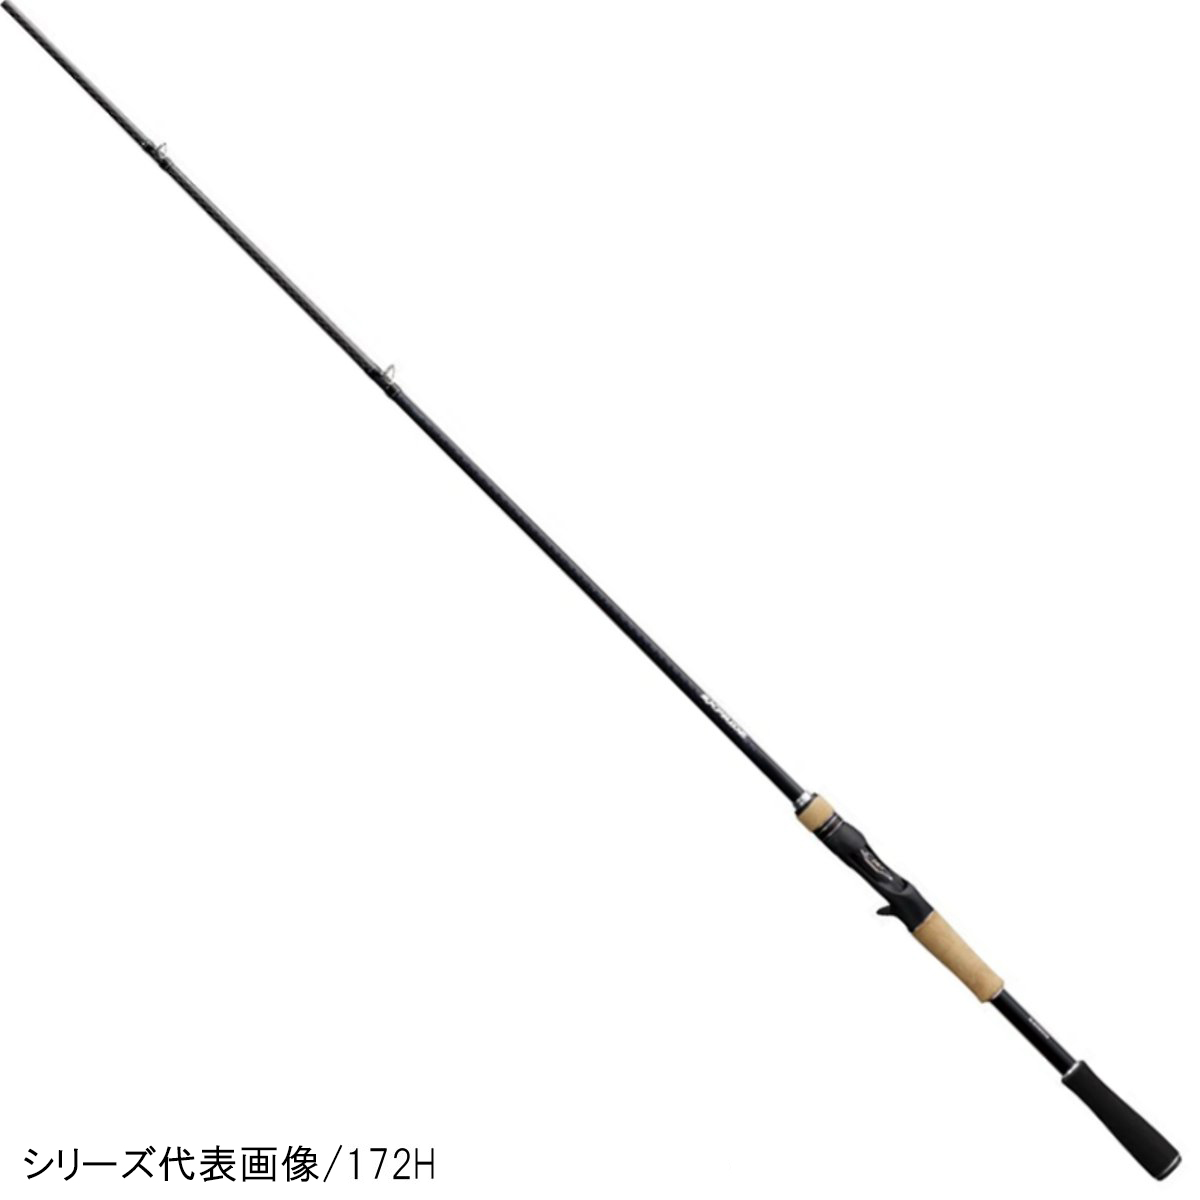 シマノ エクスプライド 176H【大型商品】